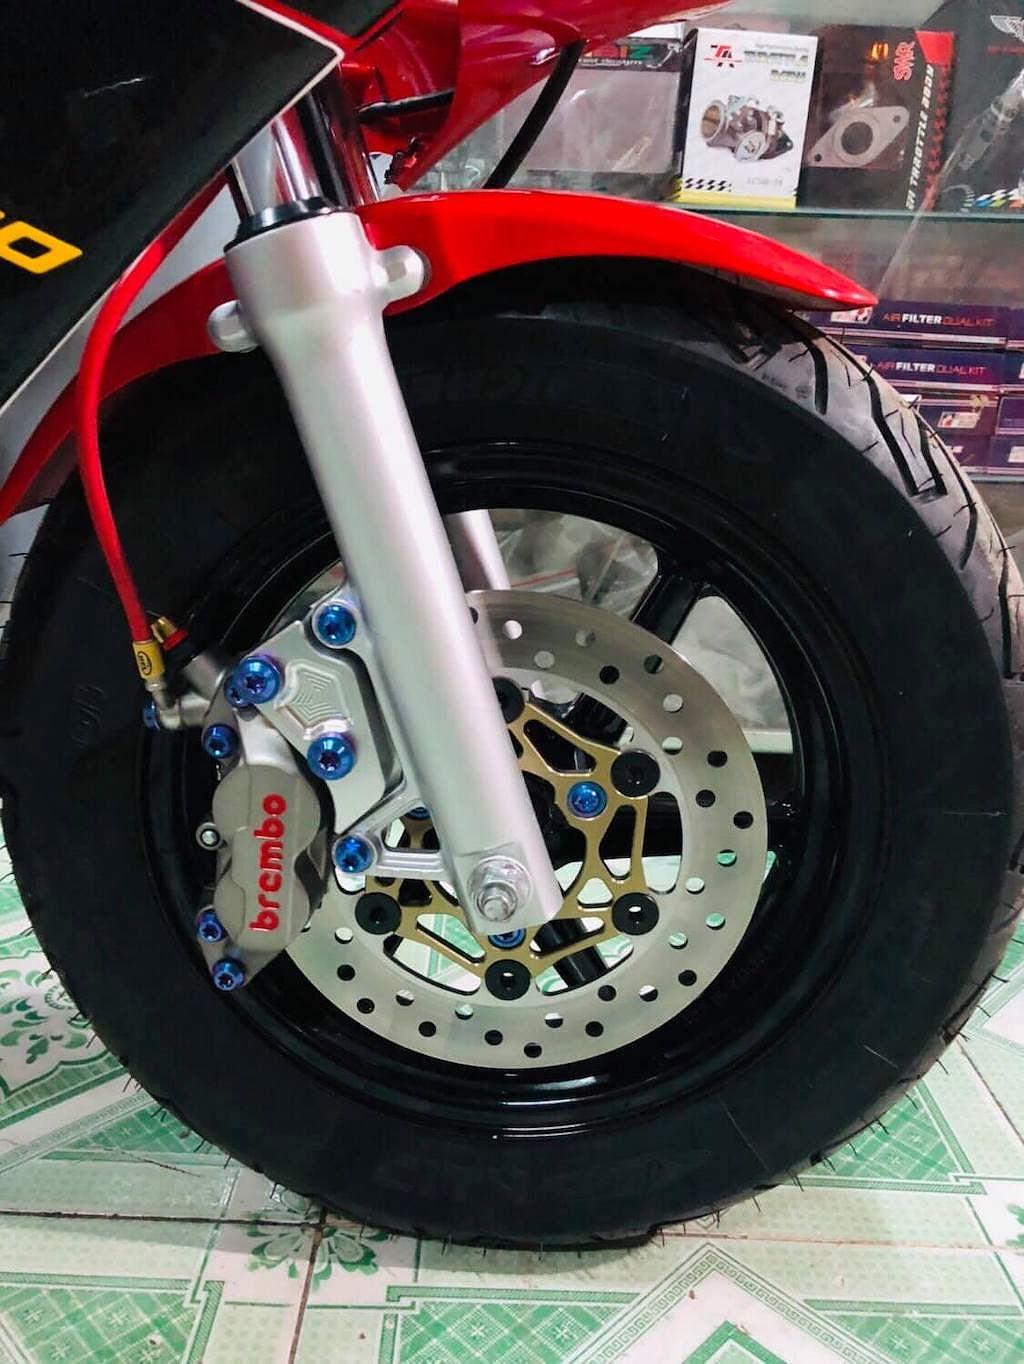 Vốn đã là hàng hiếm, chiếc Honda tí hon này còn được biker Việt độ độc hơn nữa - Hình 3